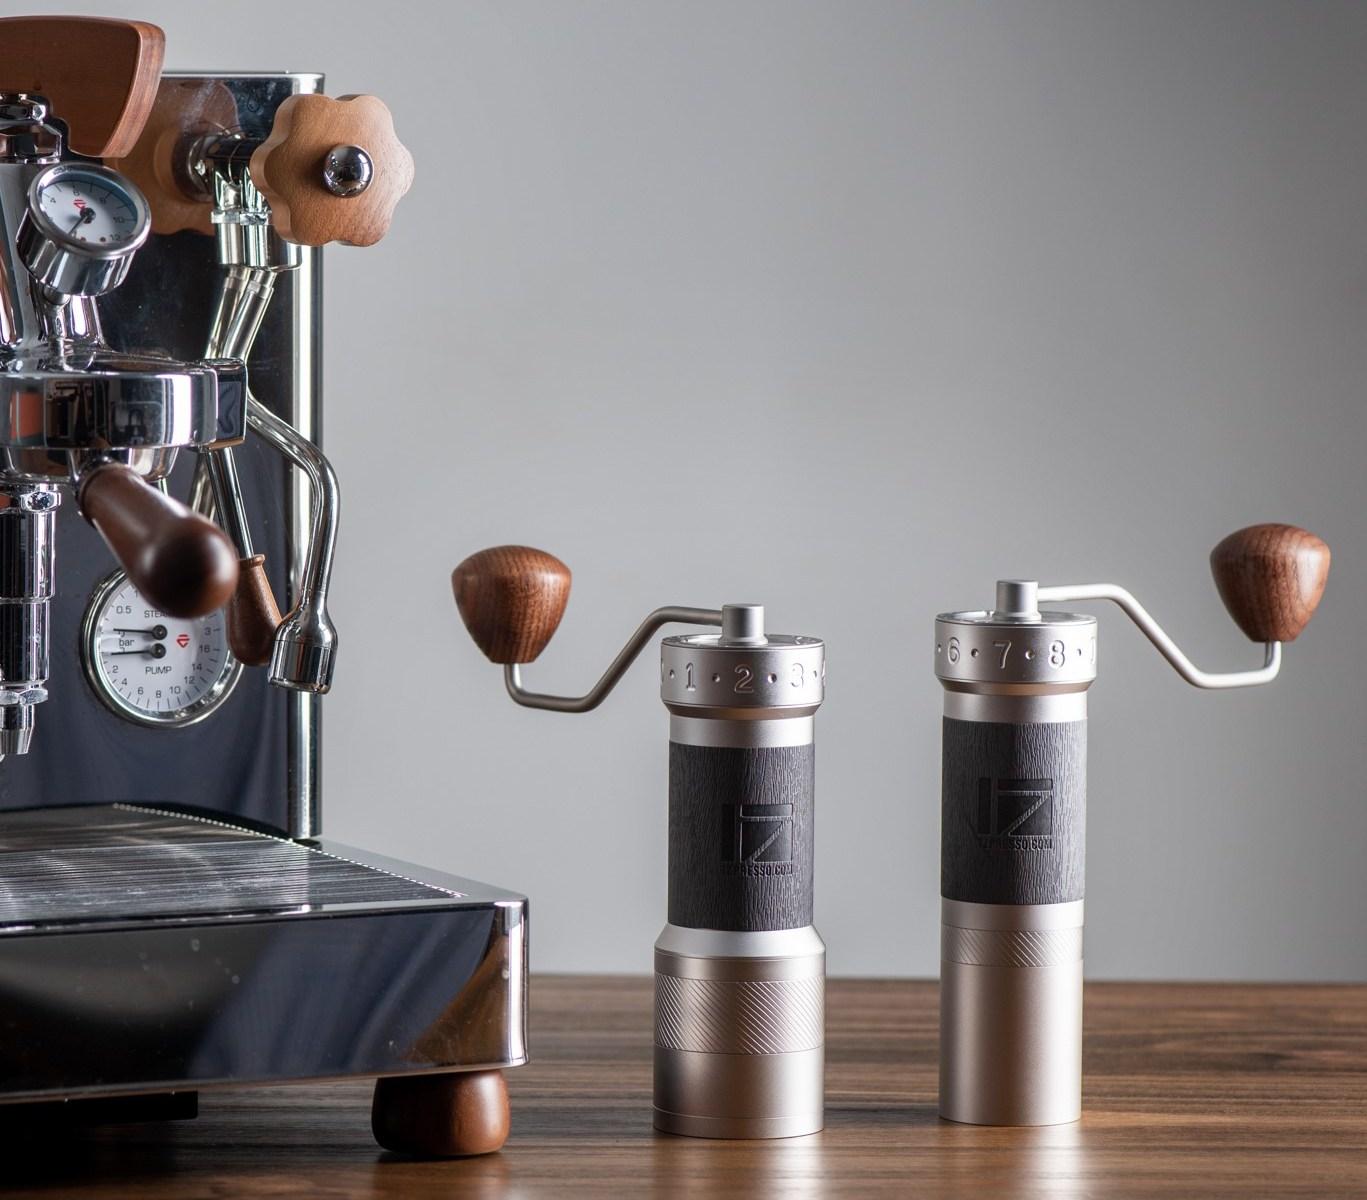 1Zpresso K series